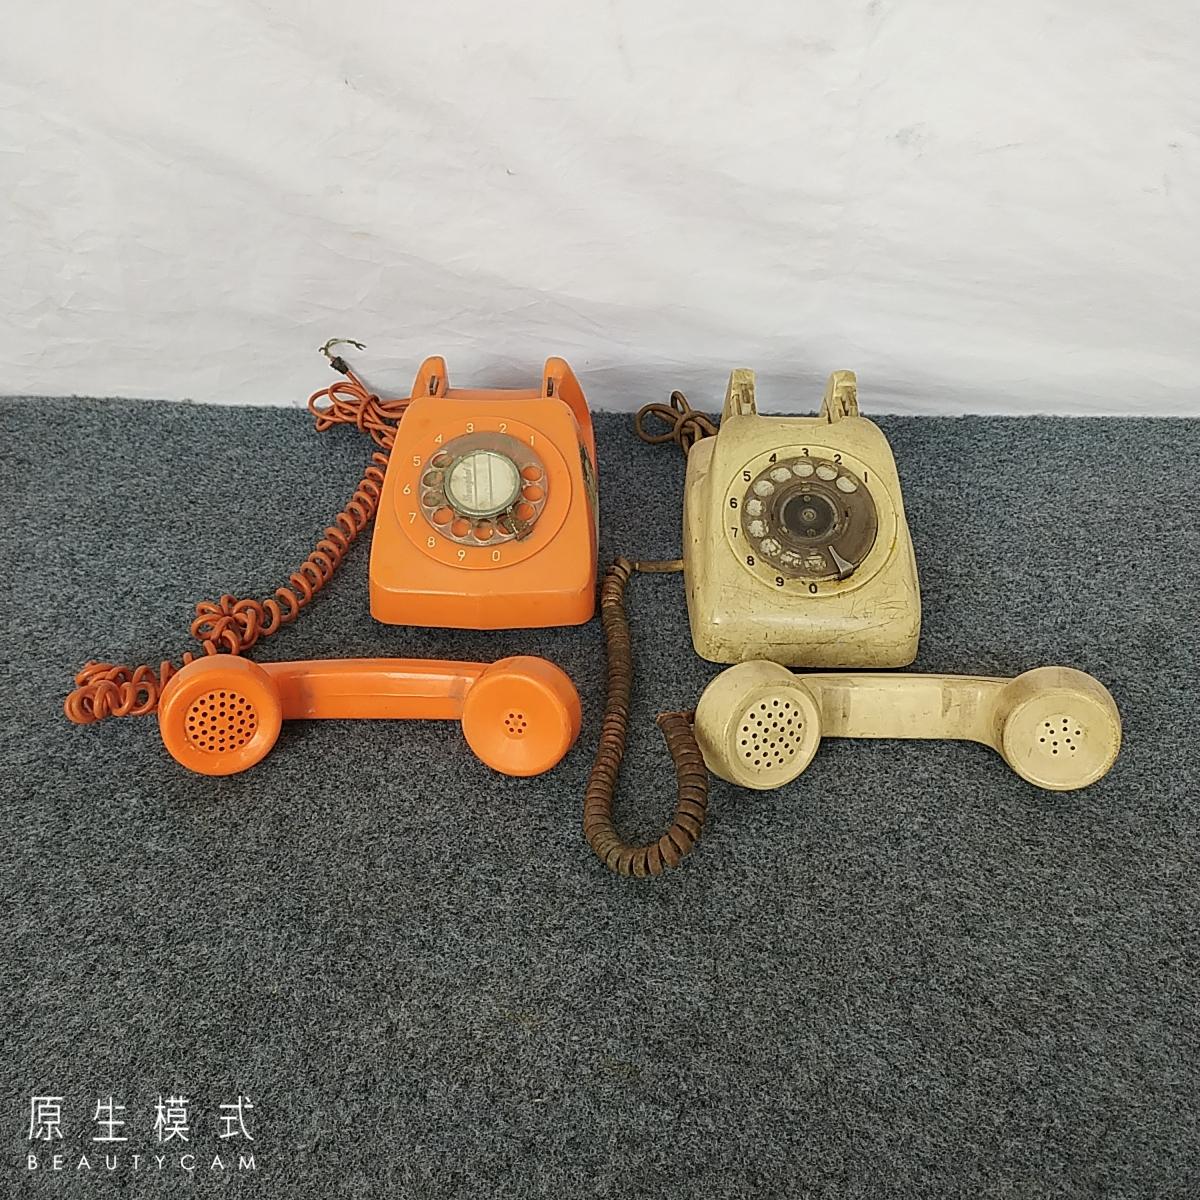 民俗老物件老式手摇电话旧电话机二手通讯设备复古怀旧装饰摆件